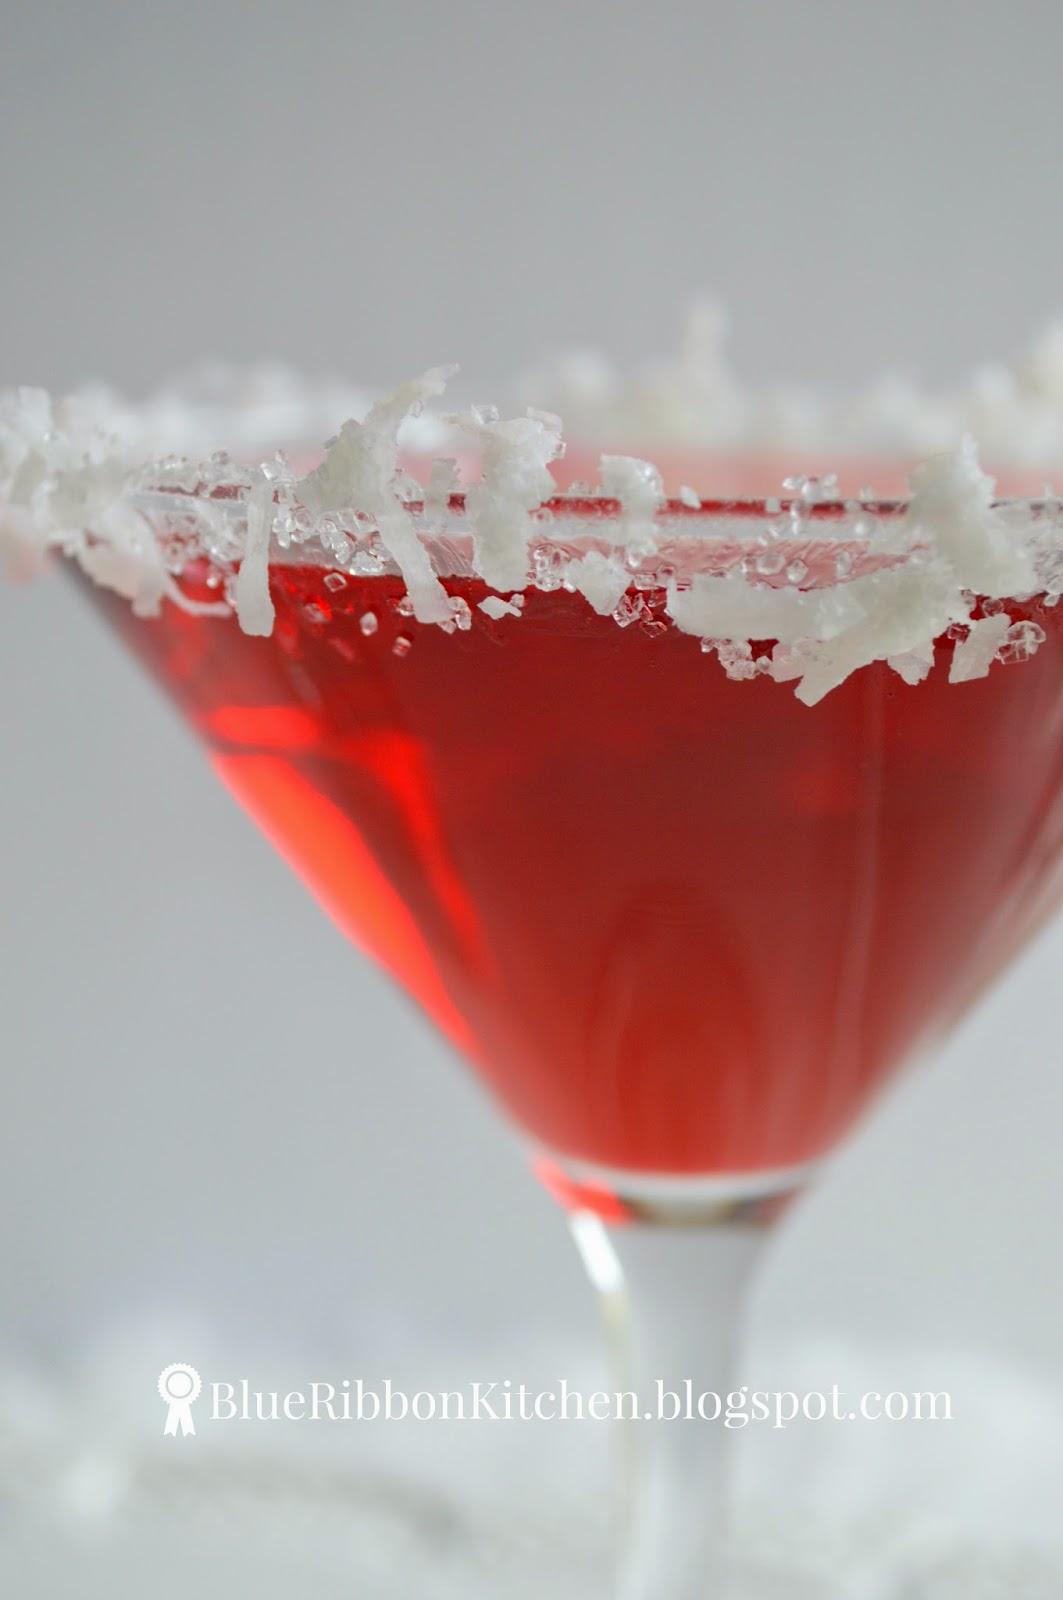 Image and recipe:  blueribbonkitchen.blogspot.co.uk/